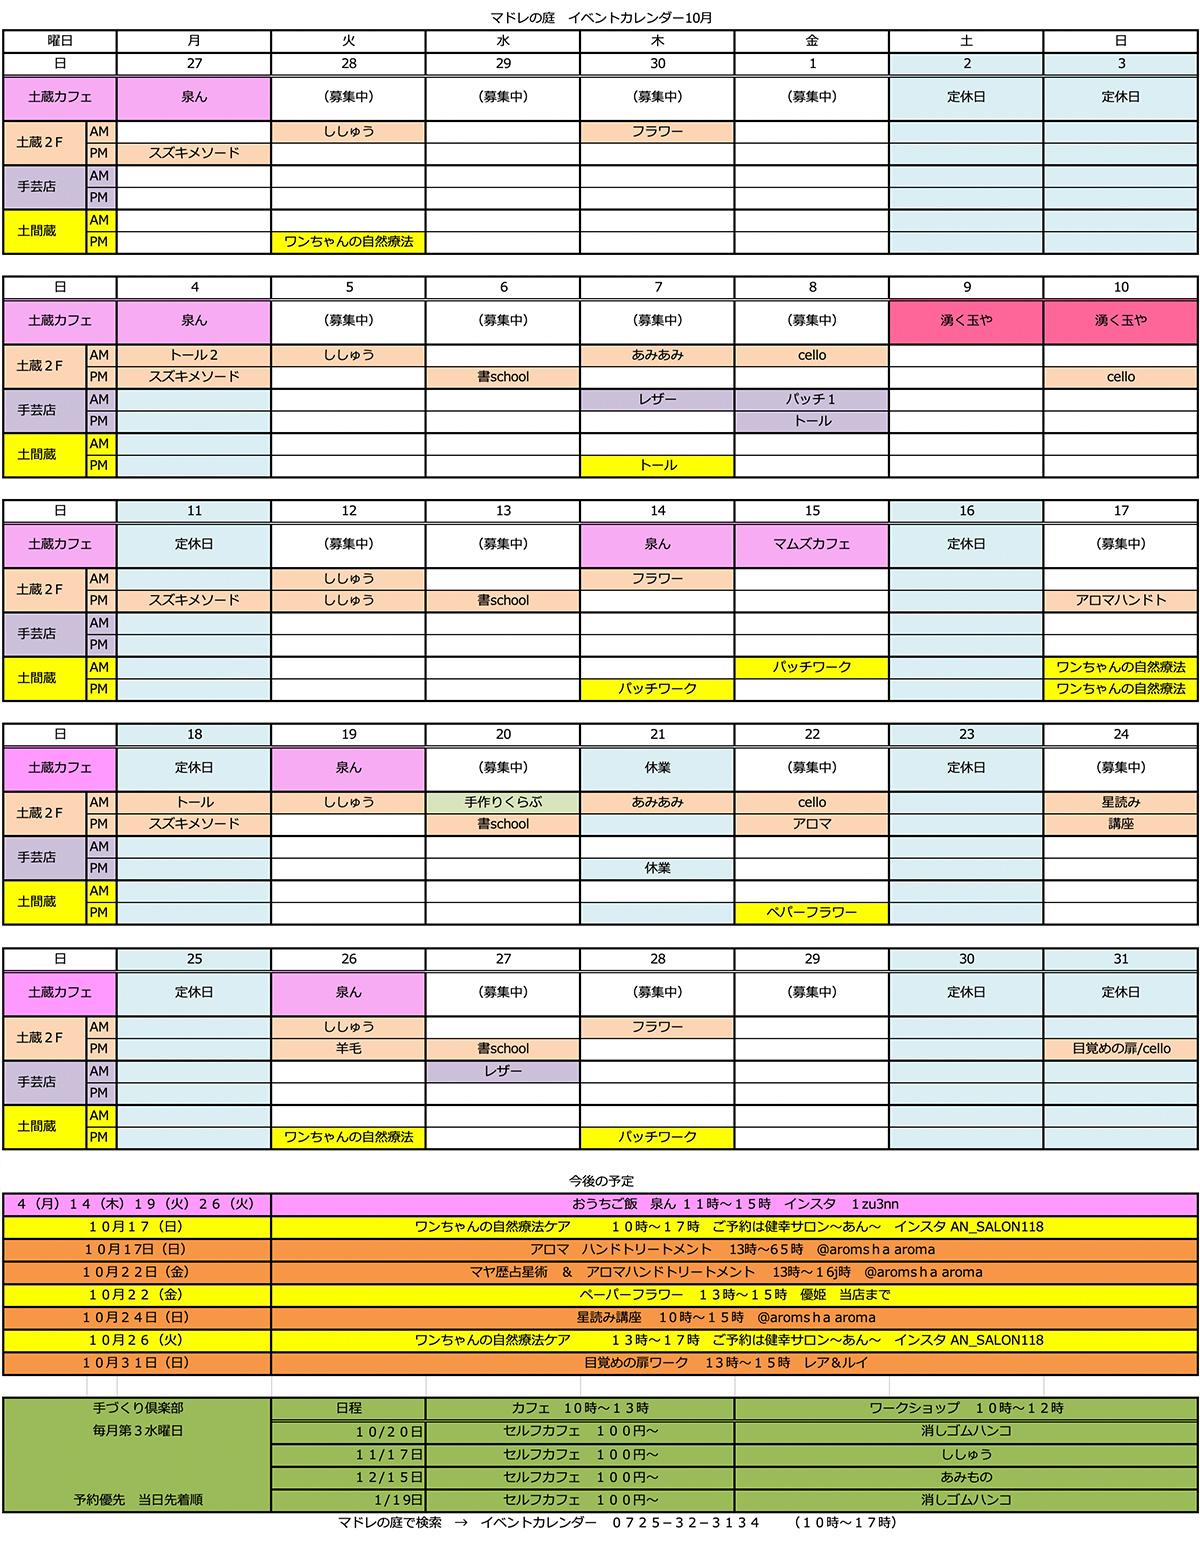 202110 泉大津市 マドレの庭イベントカレンダー レンタルカフェやクラフトワークショップなど開催日のお知らせです。シェアキッチンや動画撮影にもご利用いただけます。